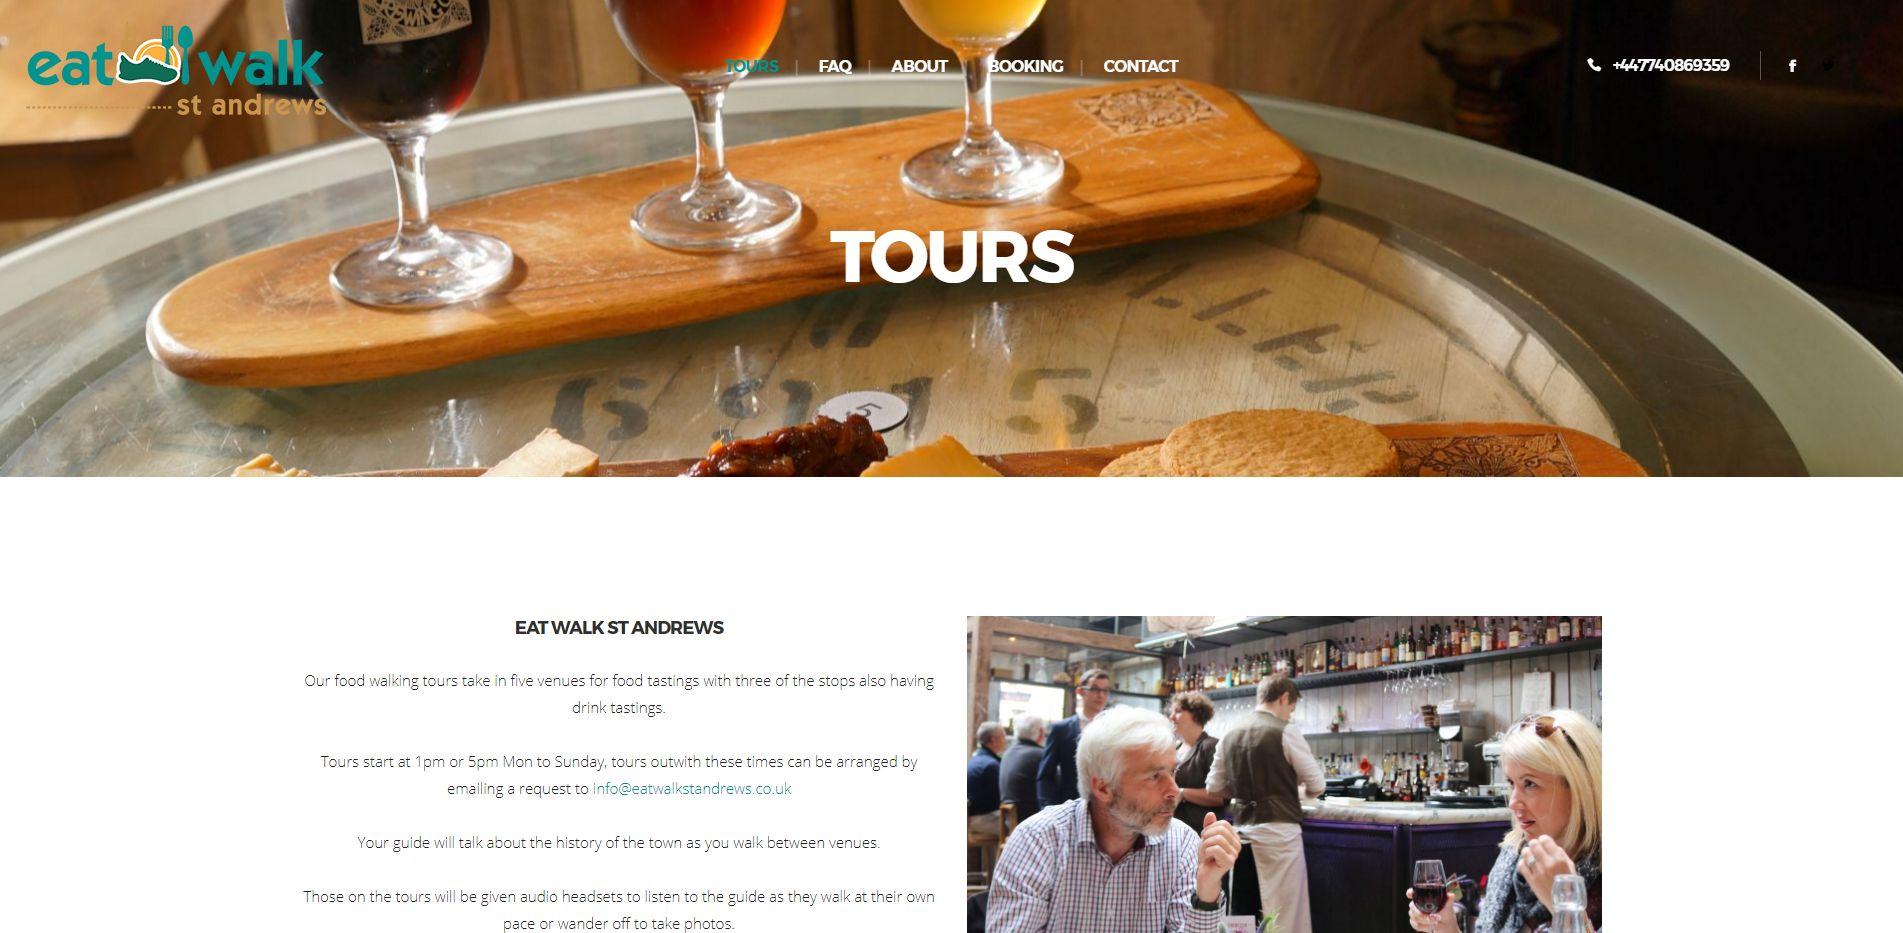 St-Andrews-Tours-Eat-Walk-St-Andrews